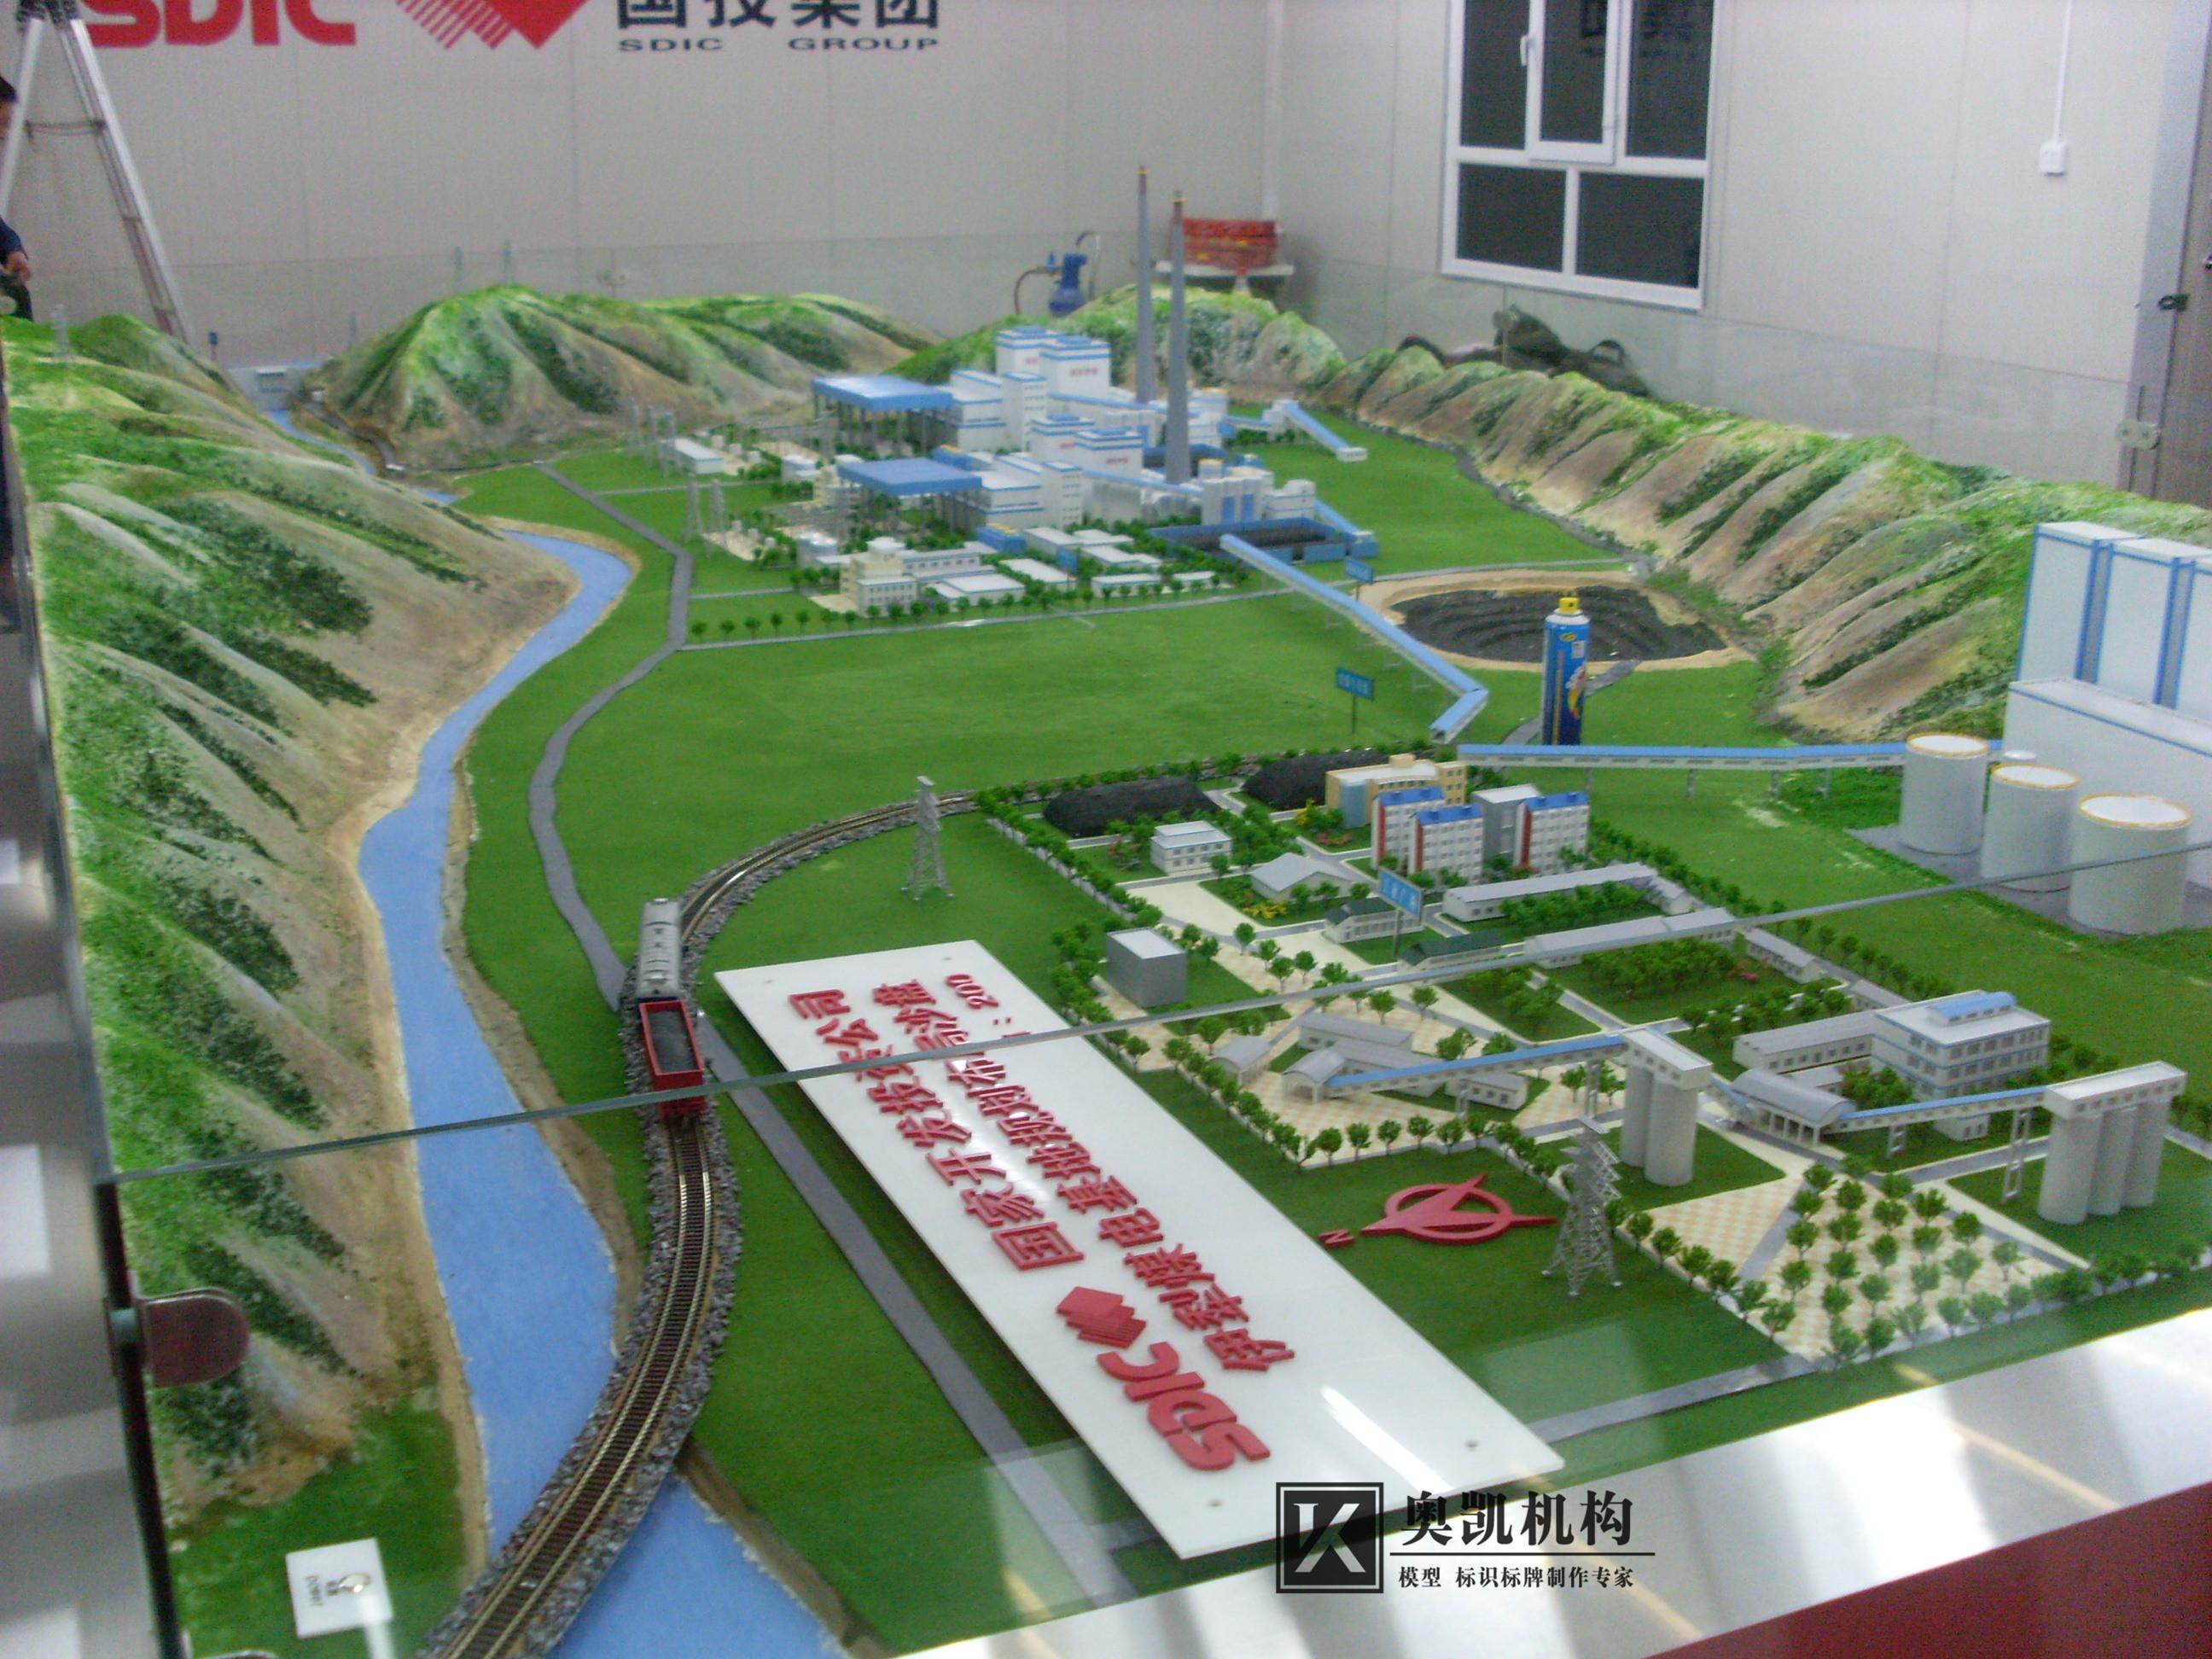 地形betway必威体育首页西汉姆biwei必威使用新技术制作精度与仿真度更高